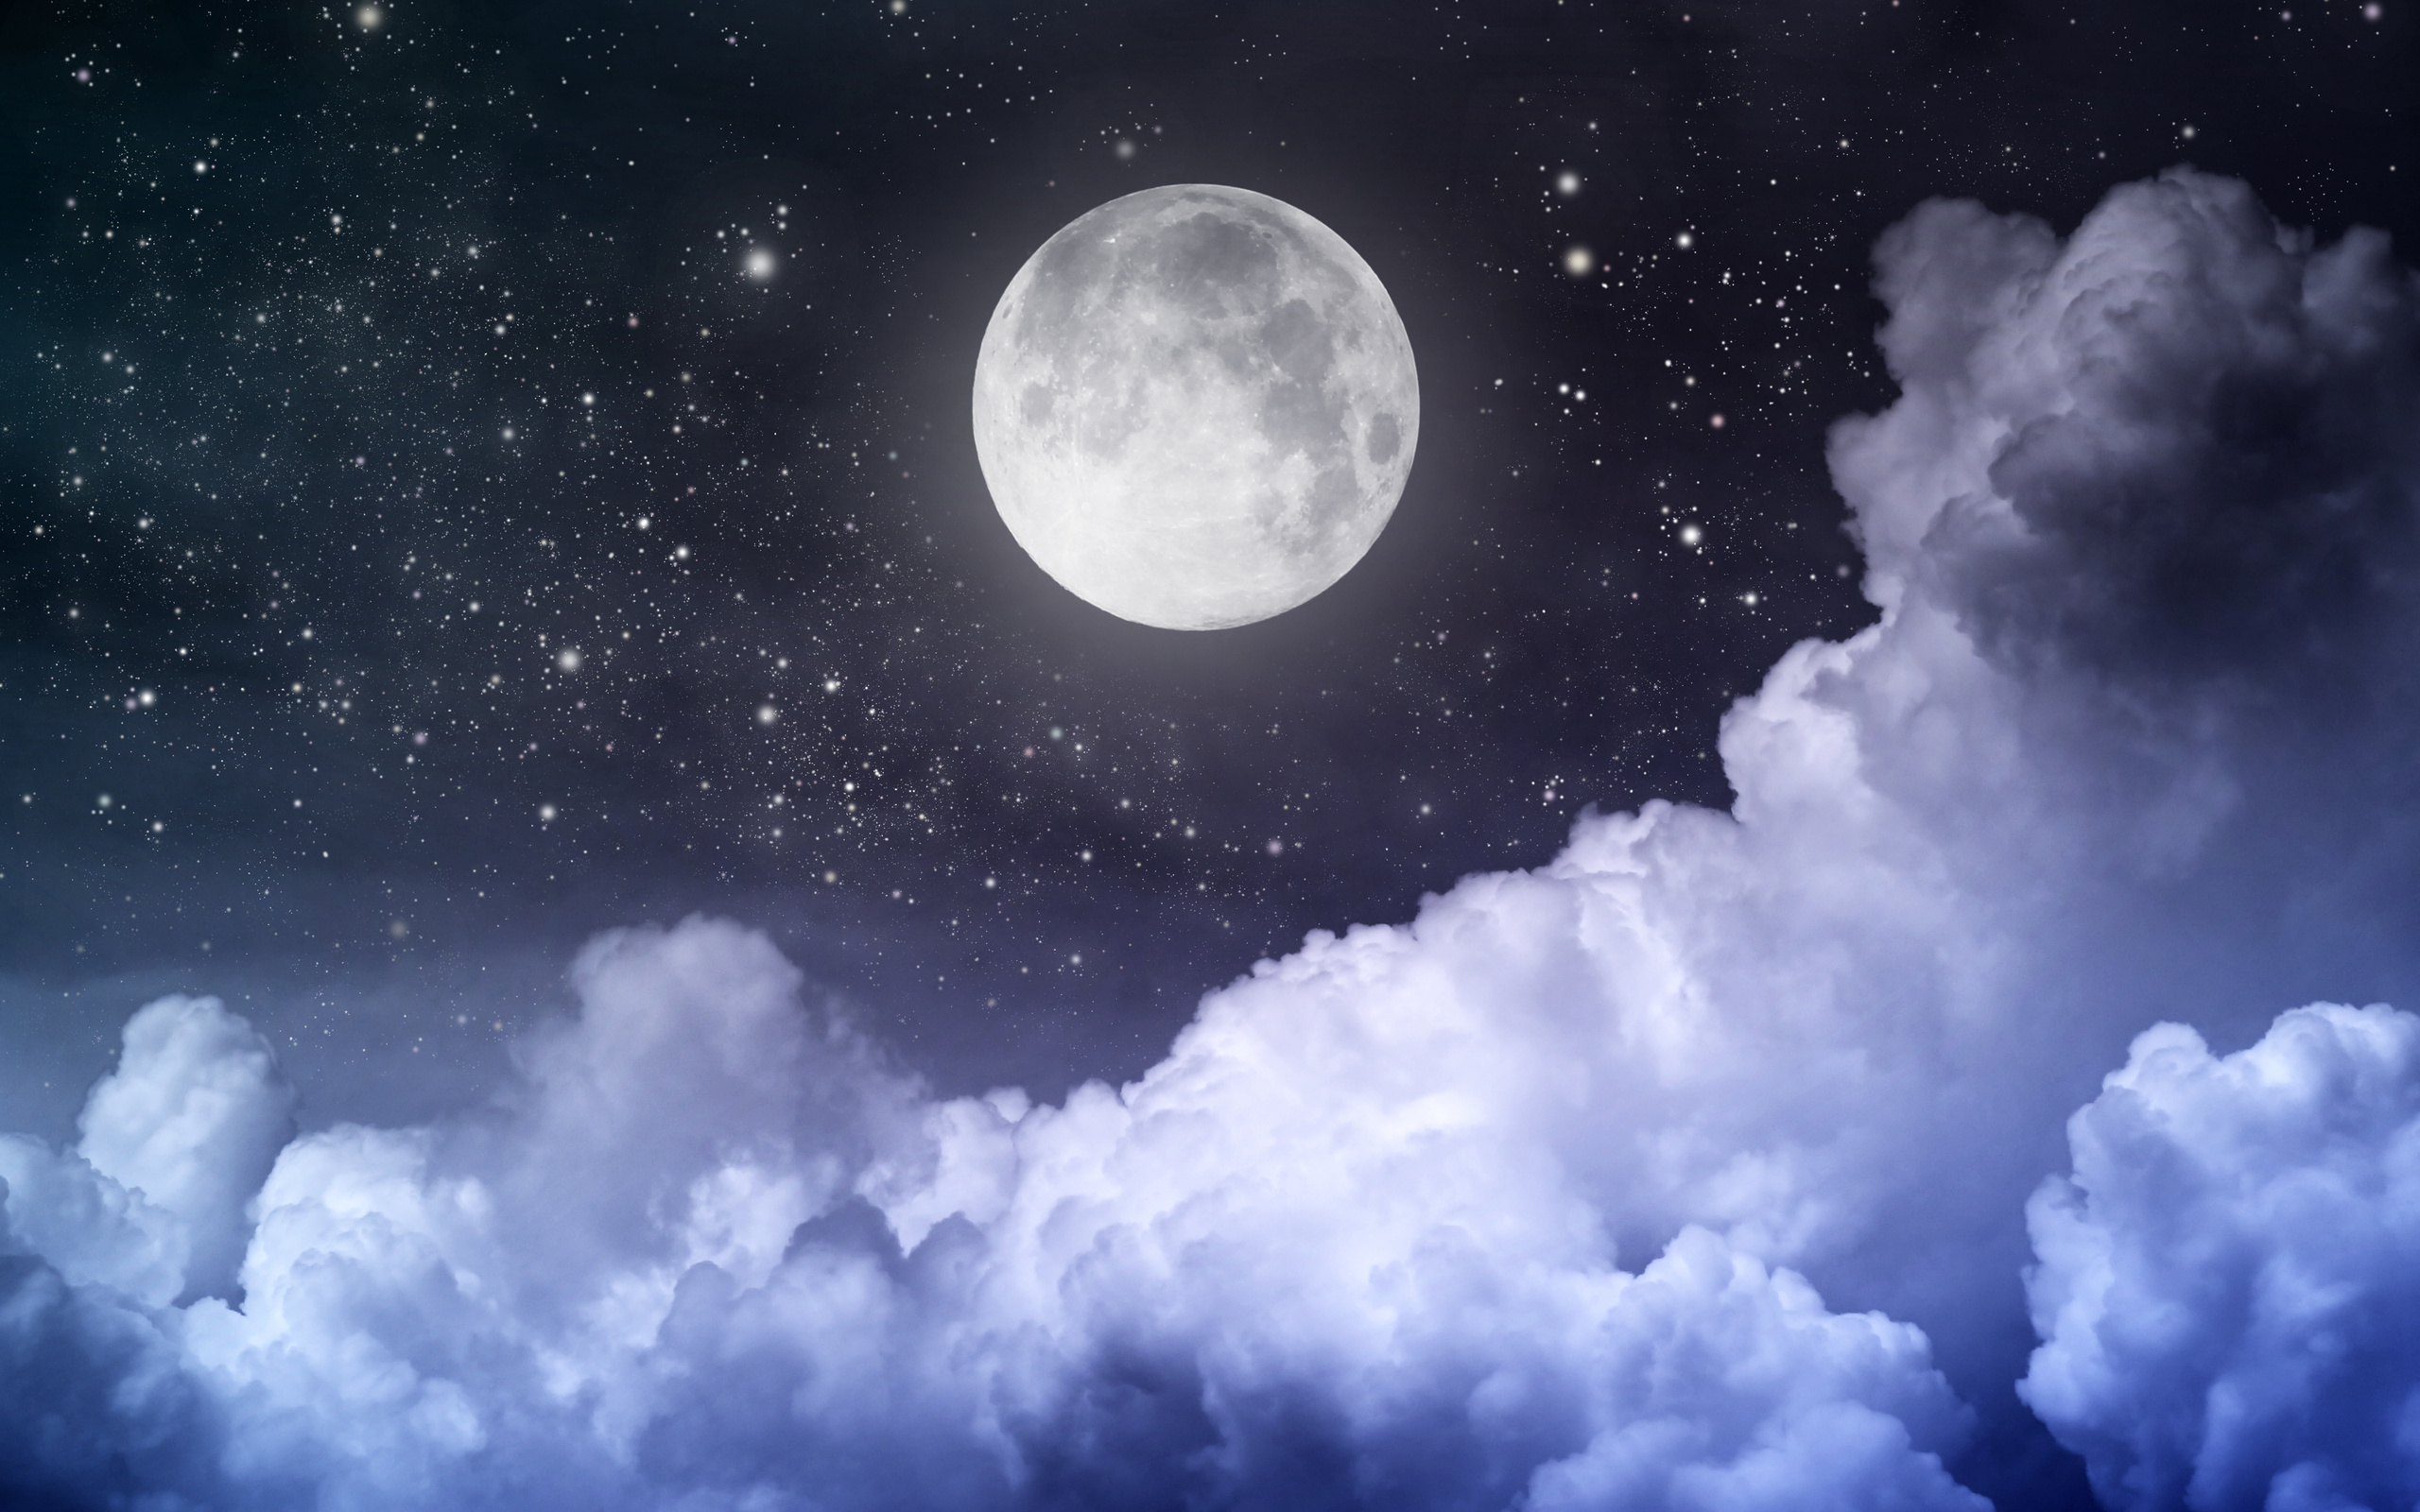 Луна на звездном небе в облоках